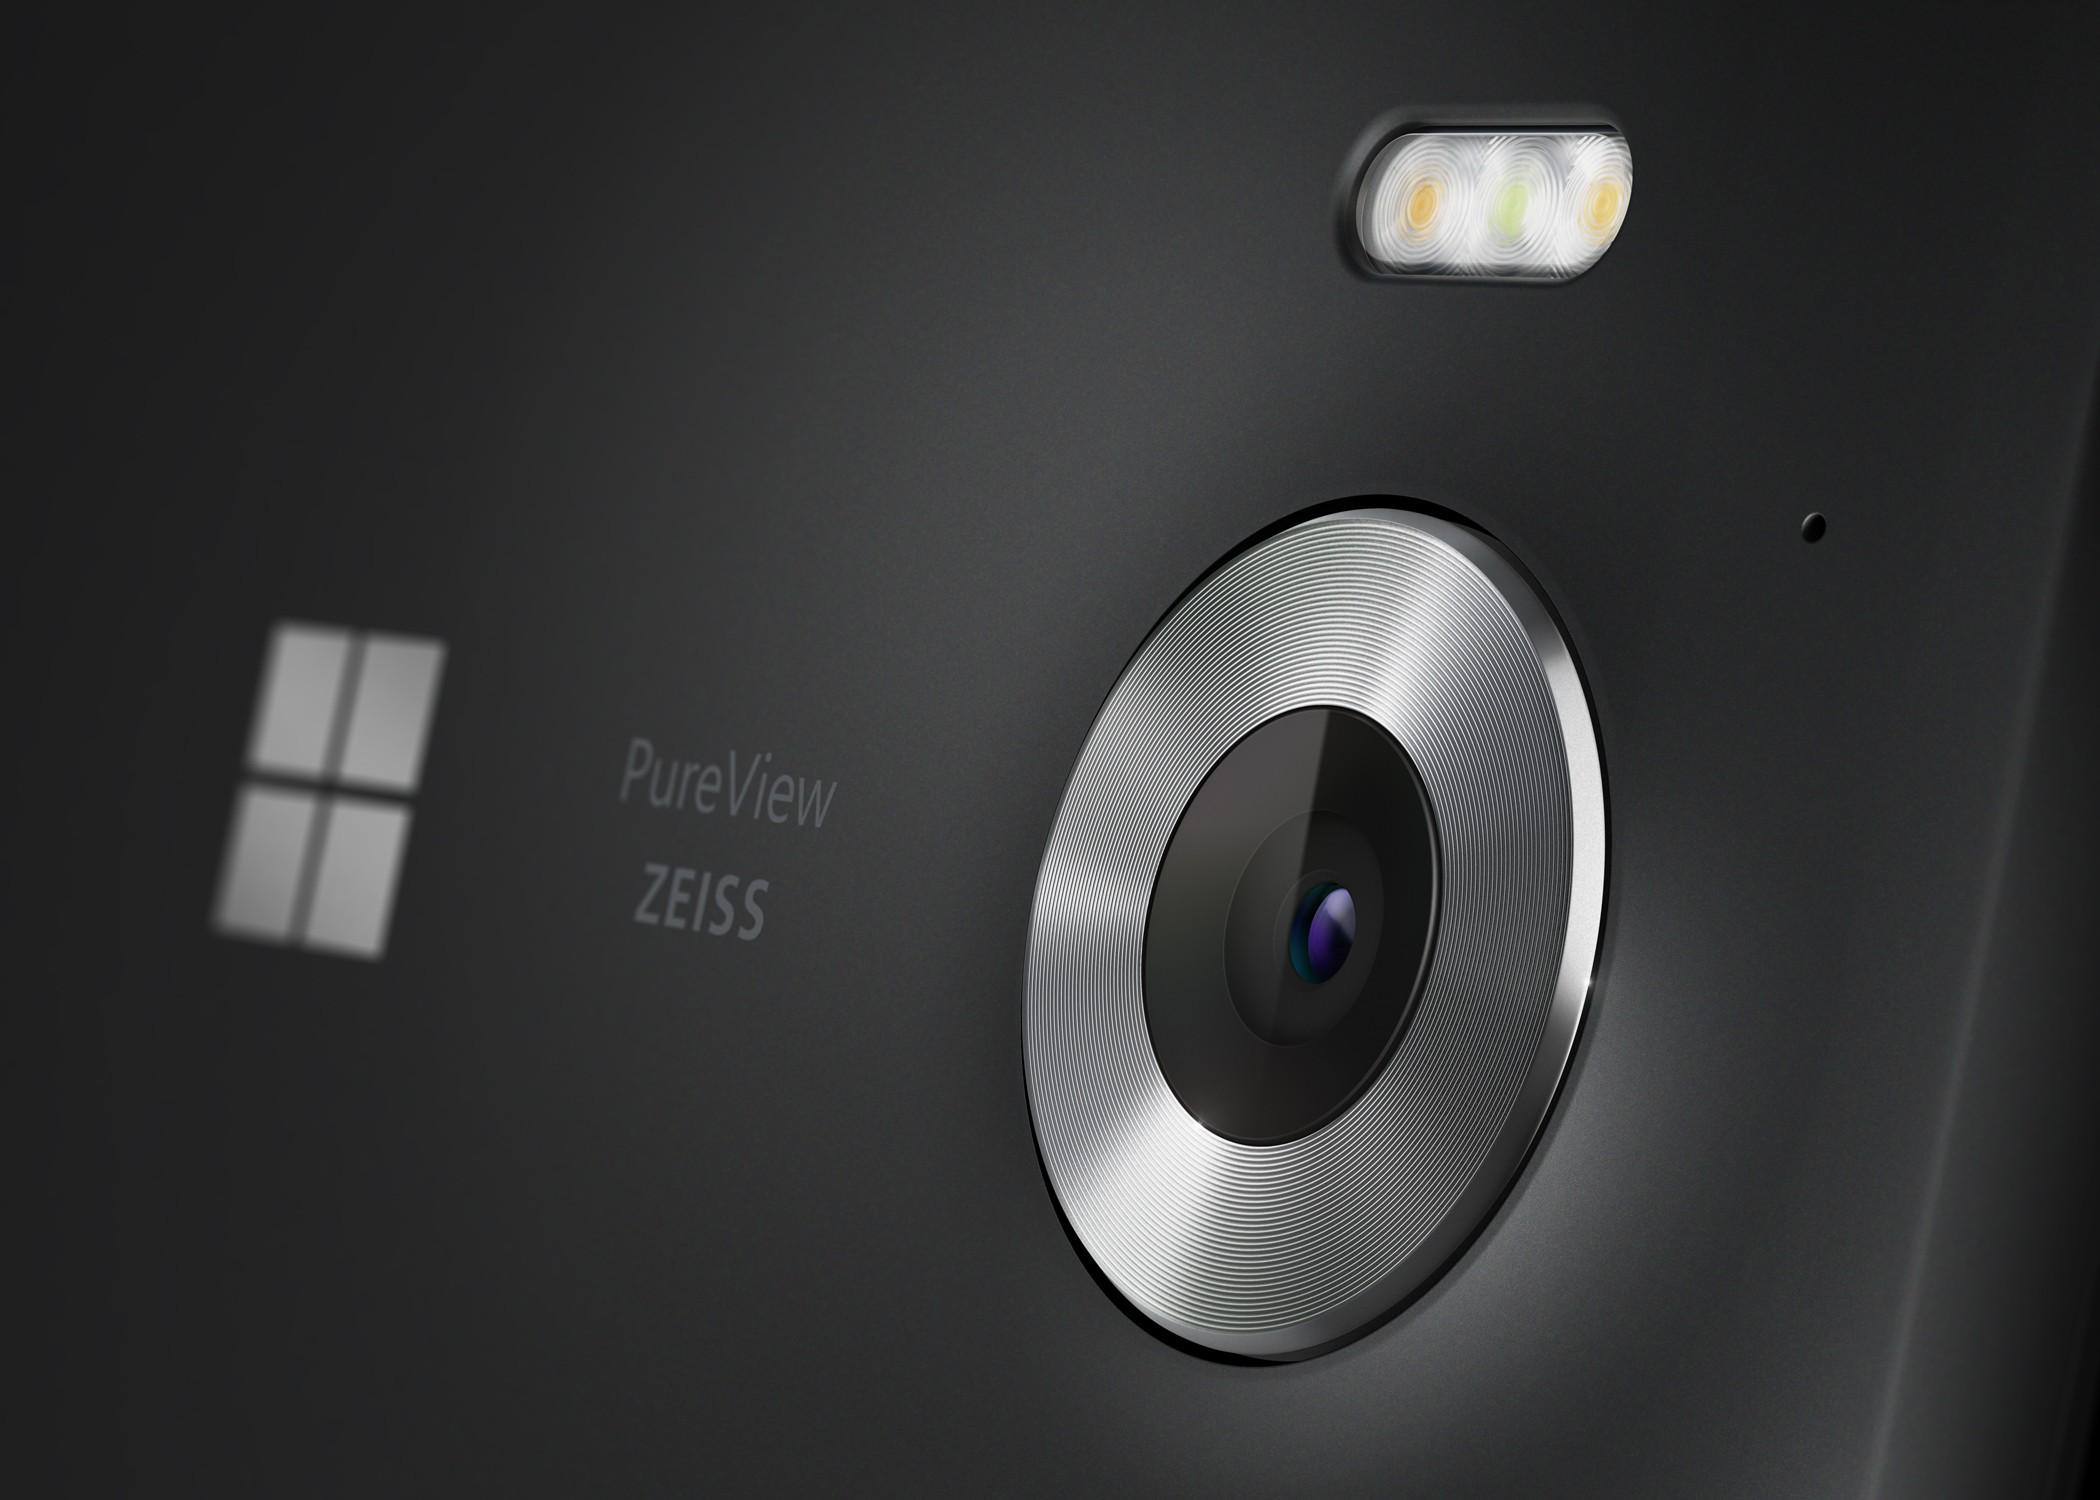 La aplicación de cámara continúa mejorando en cada actualización